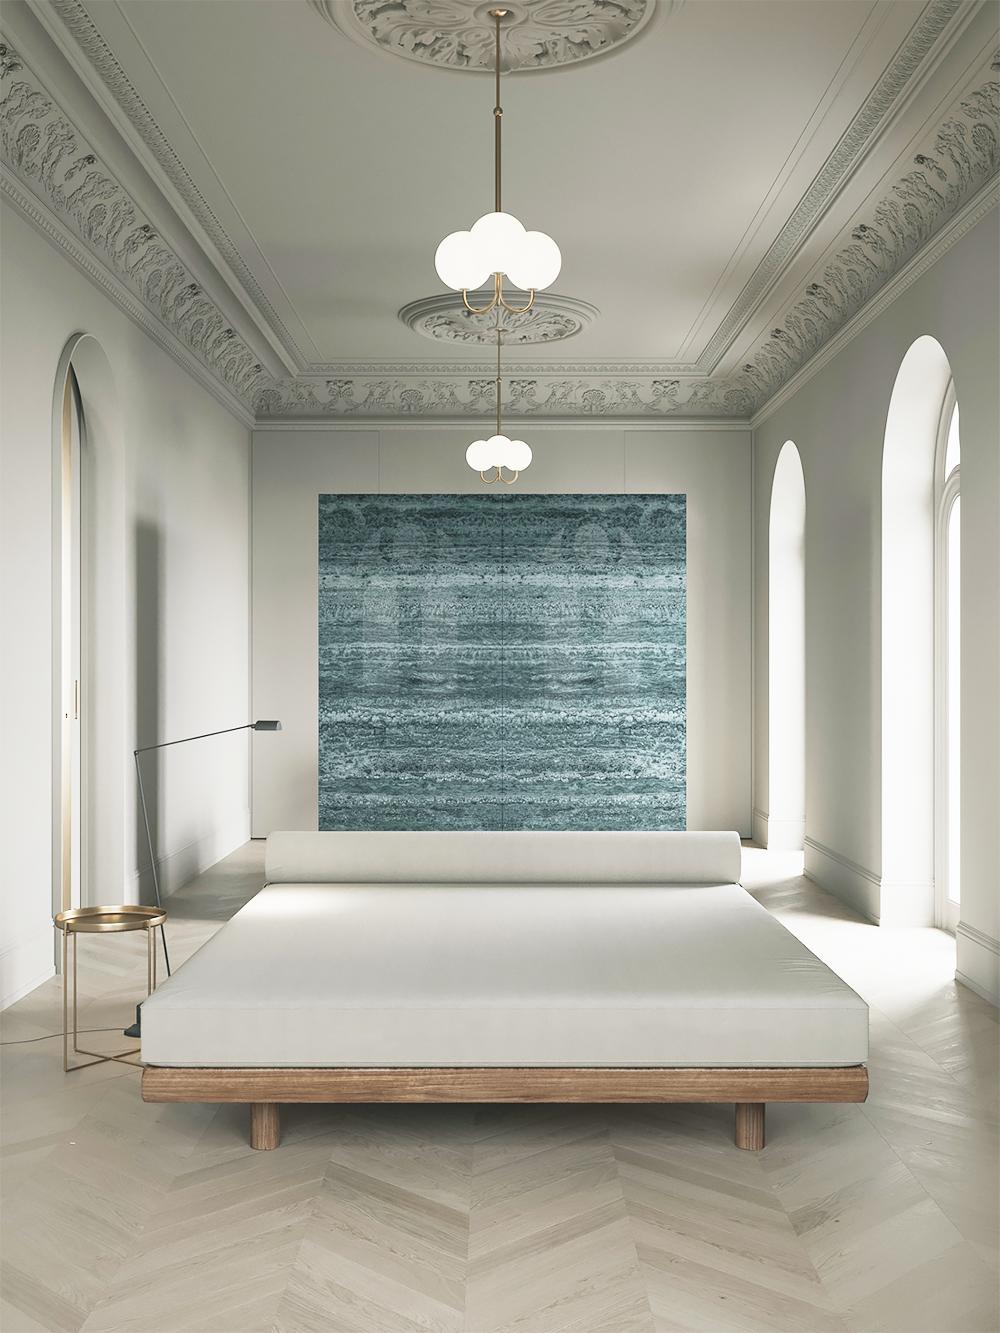 Beige By Eveniy Bulatnikov And Emil Dervish Bedroom Design